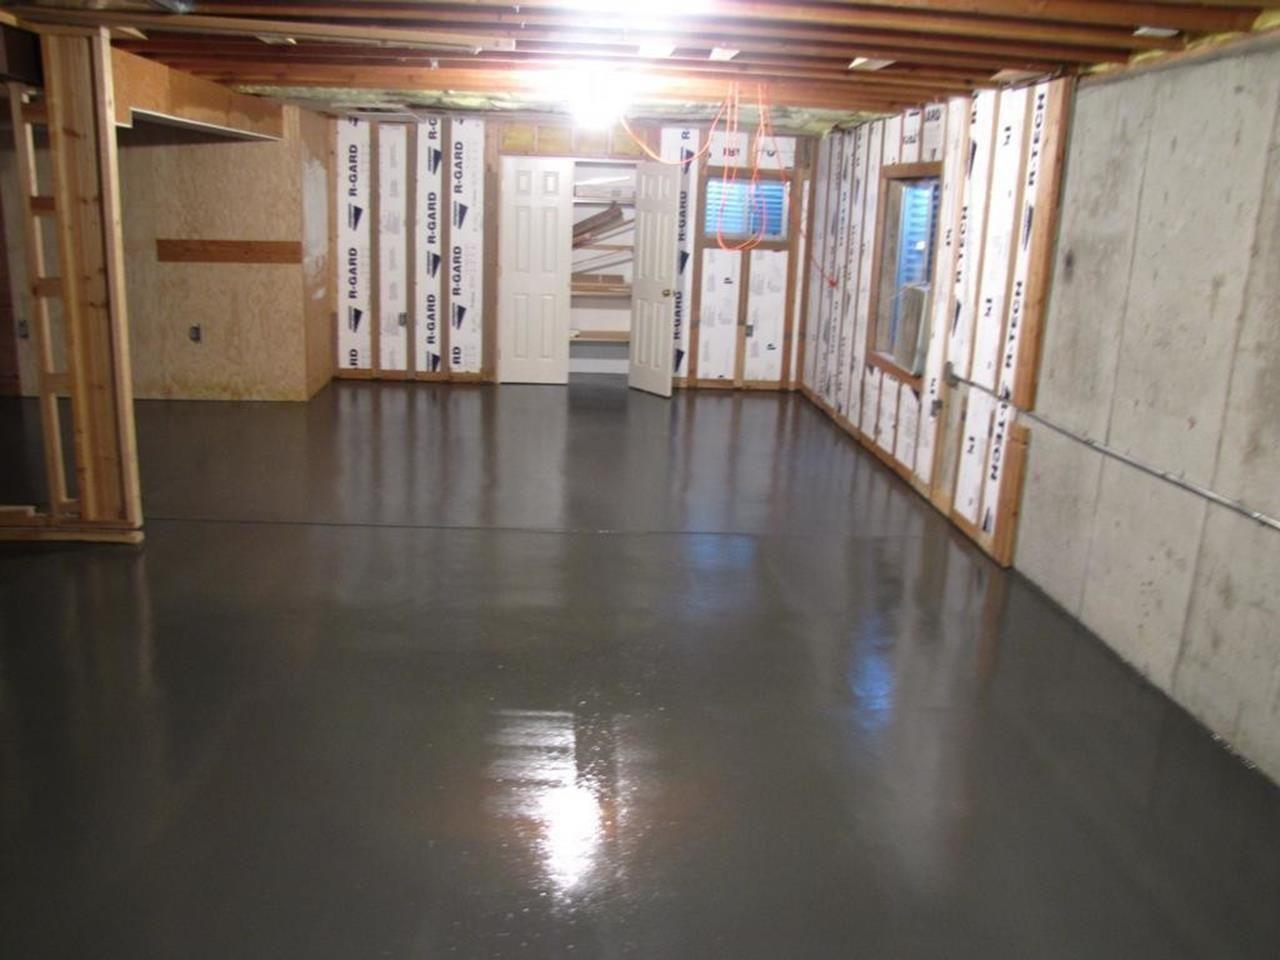 basement concrete floor paint color ideas 17 in 2020 on concrete basement wall paint colors id=44553